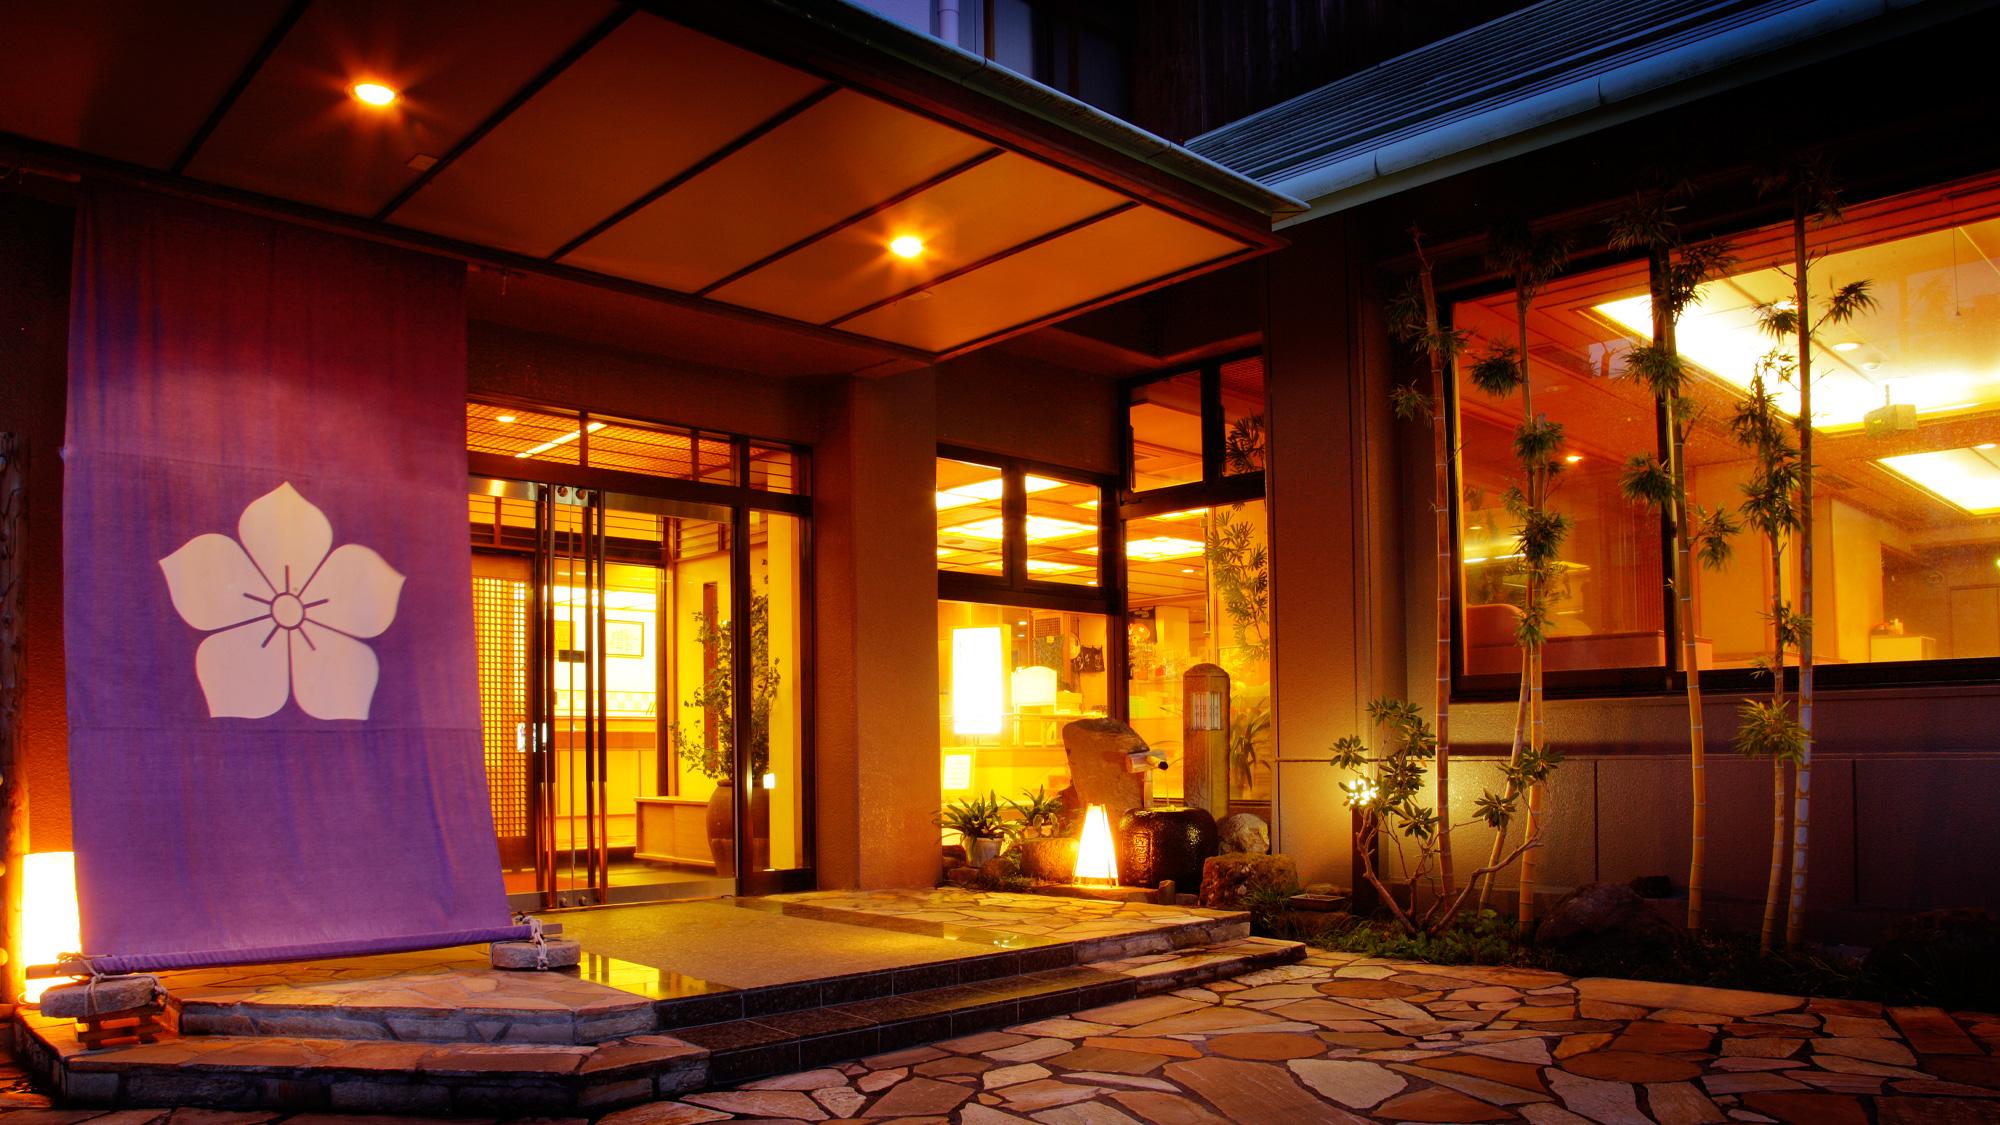 3つの貸切風呂と露天付き客室が人気の宿 旅館さくらい